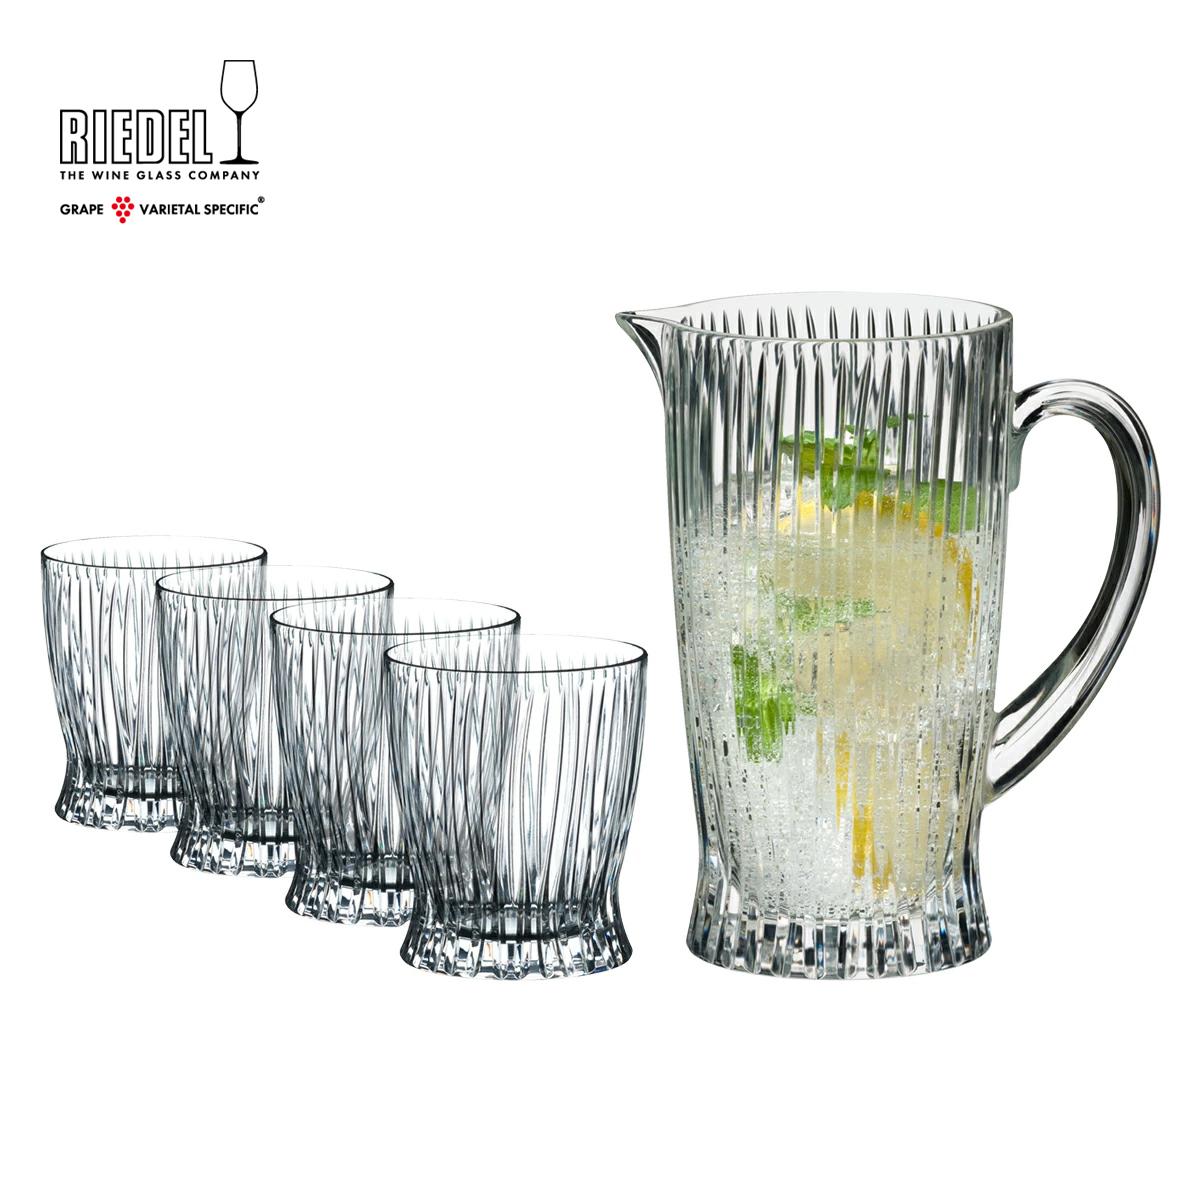 【リーデル公式】<タンブラーコレクション> コールド・ドリンク・セット(グラス4個+ピッチャー1個)5515/23S1【ラッピング無料】RIEDEL タンブラー ステムレス カクテル Whisky